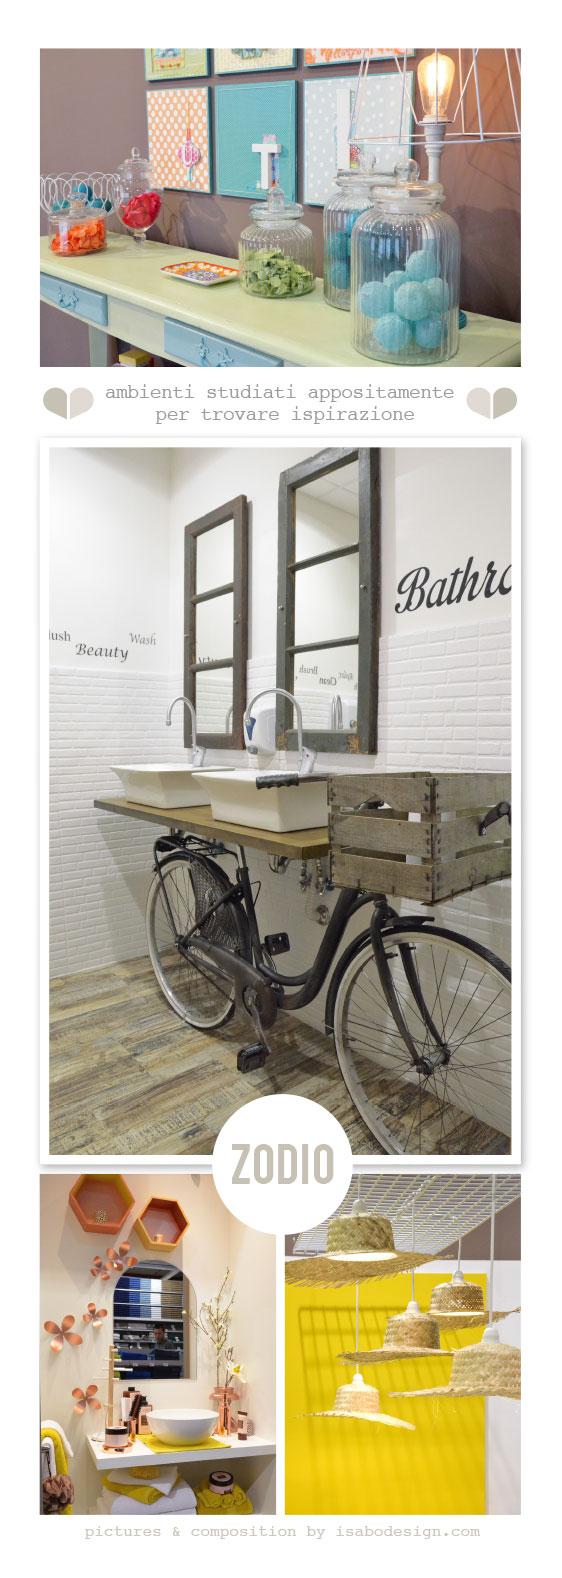 isabo-design-zodio-home-decor-bathroom